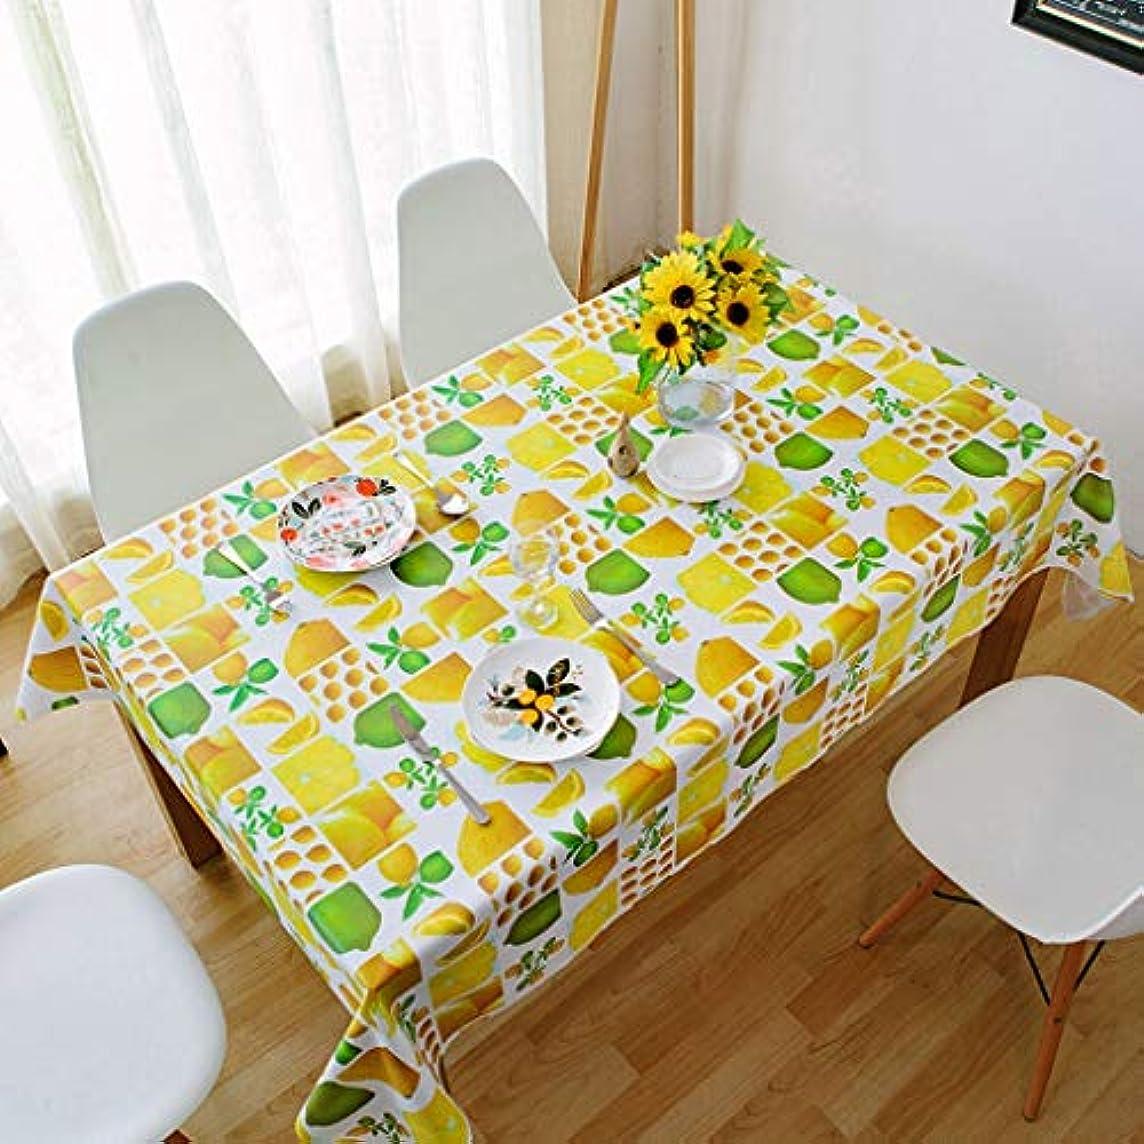 運賃非行まぶしさテーブルクロス ZYL PVC環境に優しいテーブルクロス模造布テーブルクロステーブルクロス防水使い捨て可能な高温耐性コーヒーテーブルクロス テーブルレイアウト (Color : A, Size : 120*160CM)